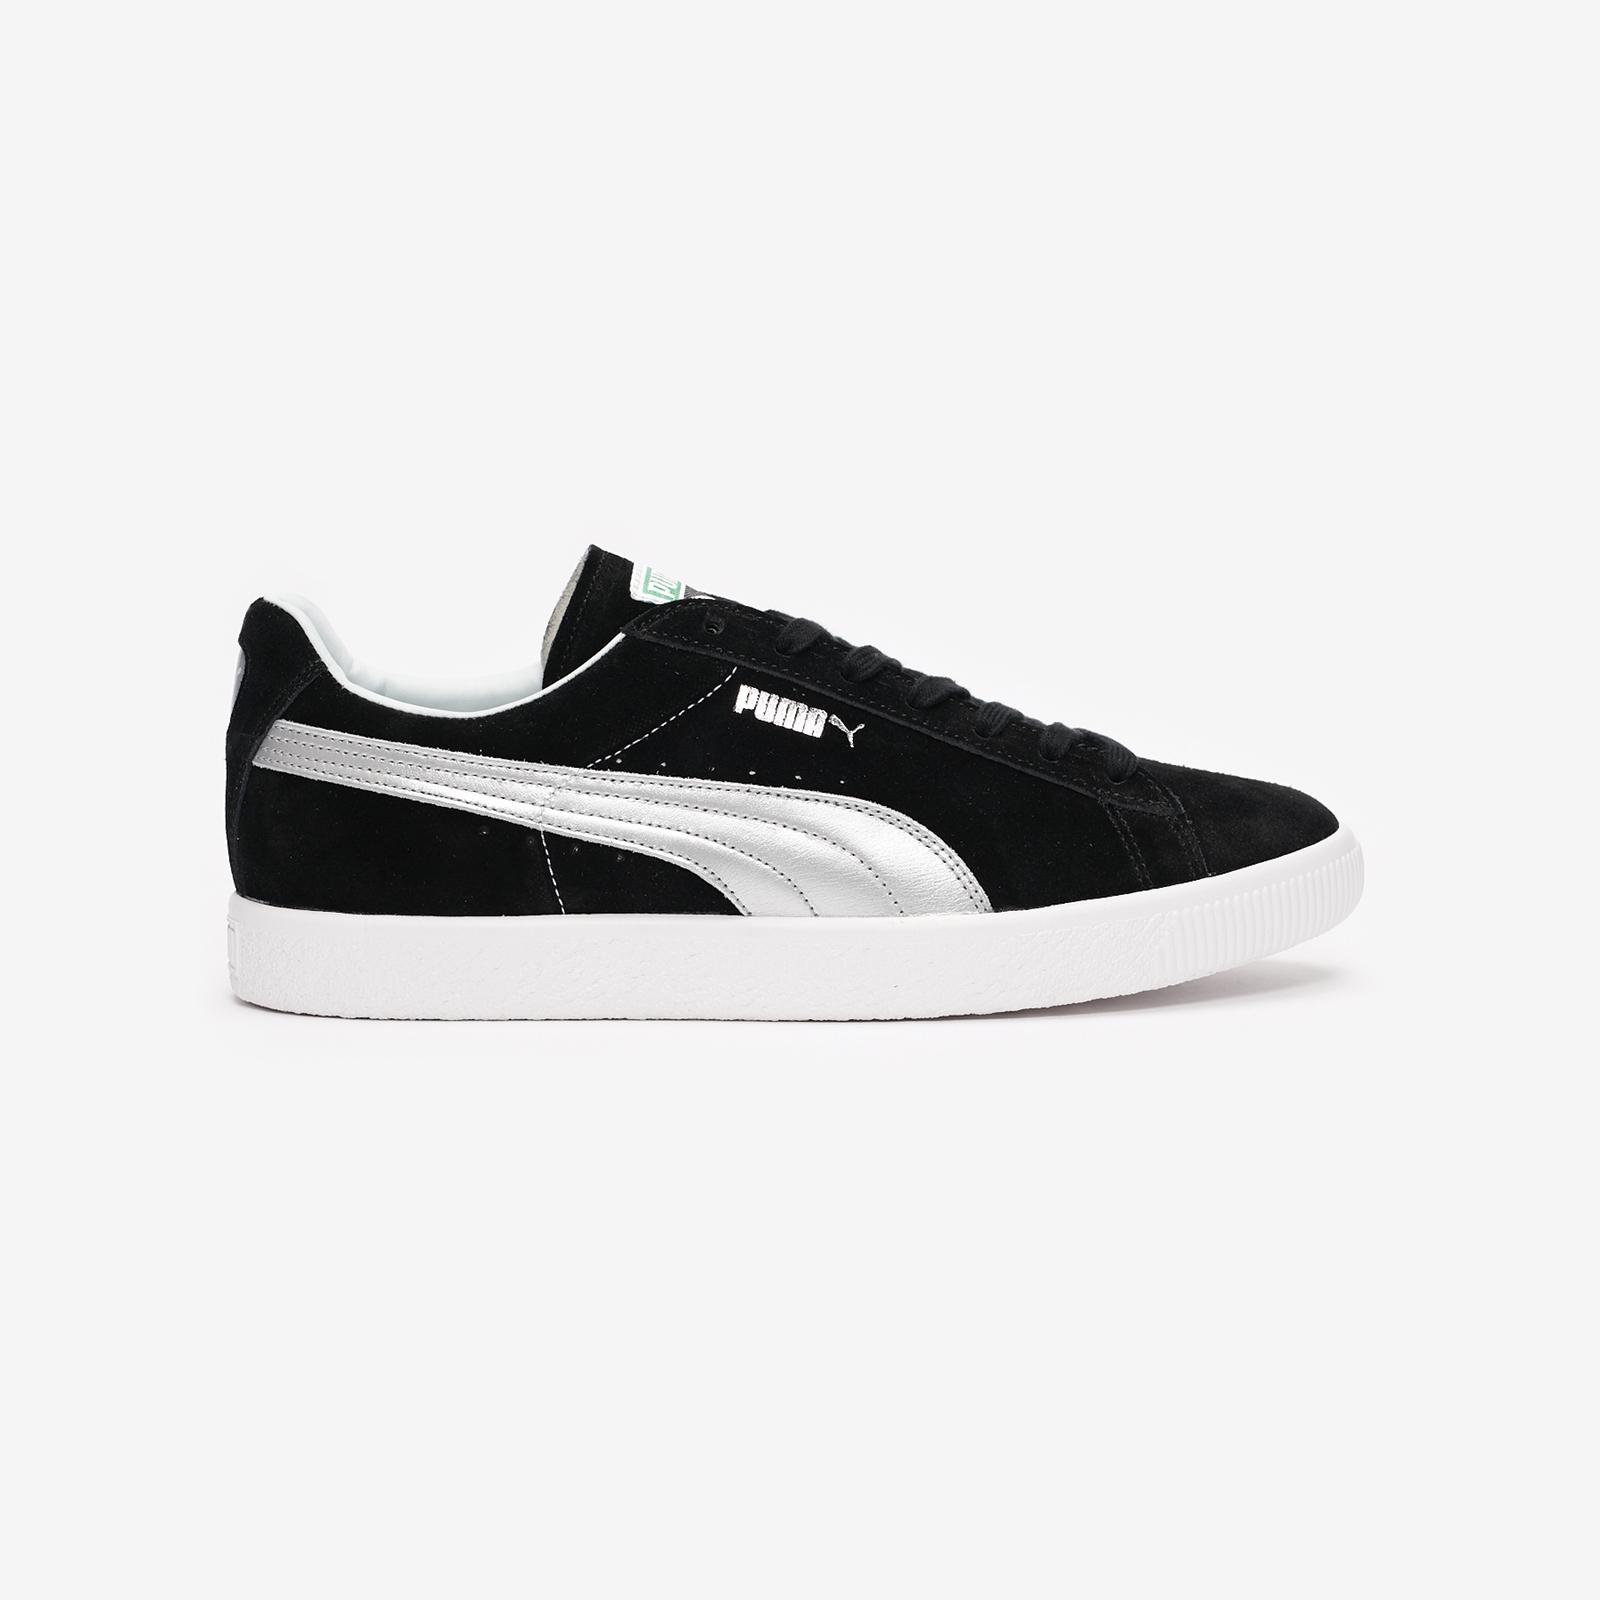 Puma Suede VTG MIJ Silver - 375905-01 - SNS | sneakers ...